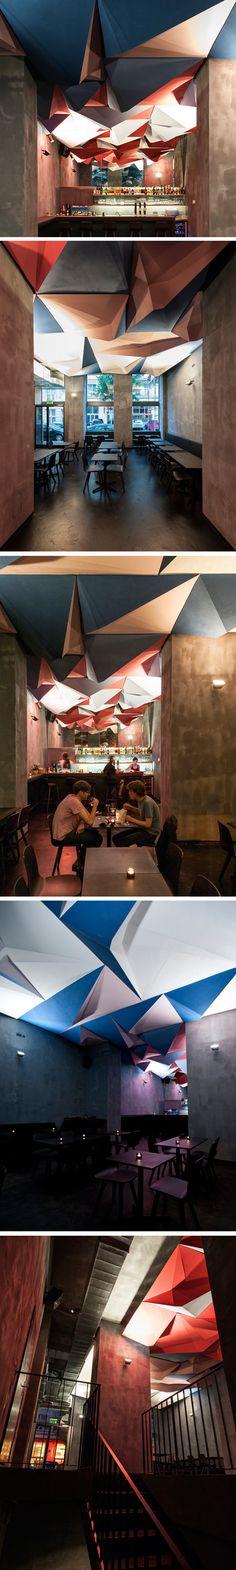 Voici une bonne adresse pour aller boire un verre, If Dogs Run Free est un bar disposant d'un plafond assez incroyable, multi-facettes, inspiré des paysages montagneux de la peinture traditionnelle chinoise. Au-delà d'avoir réalisé ce plafond, les architectes Gregorio S.Lubroth et Chieh-shu Tzou et trois de leurs amis ont lancé ce bar et comptent bien y ajouter une série d'installations signés par d'autres designers et architectes